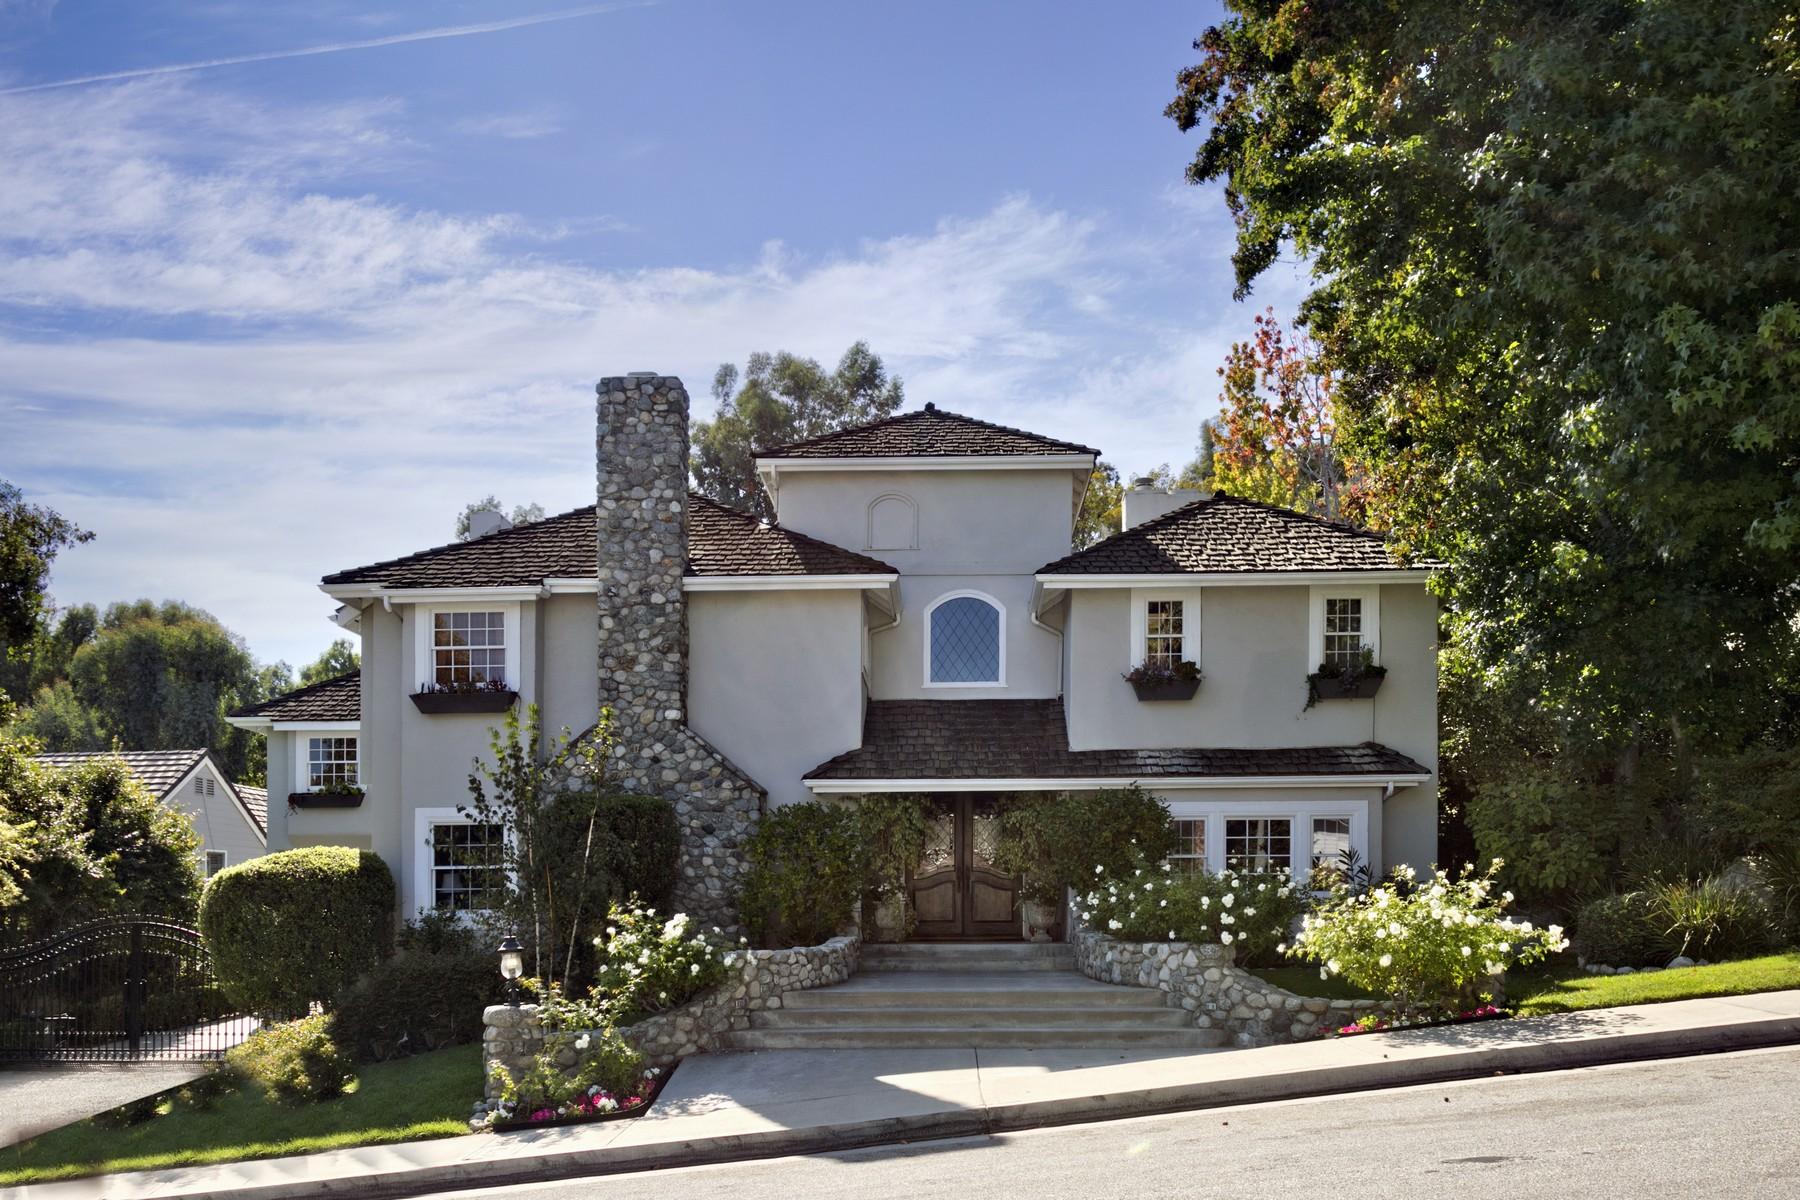 Частный односемейный дом для того Продажа на 30011 Hillside Terrace San Juan Capistrano, Калифорния 92675 Соединенные Штаты